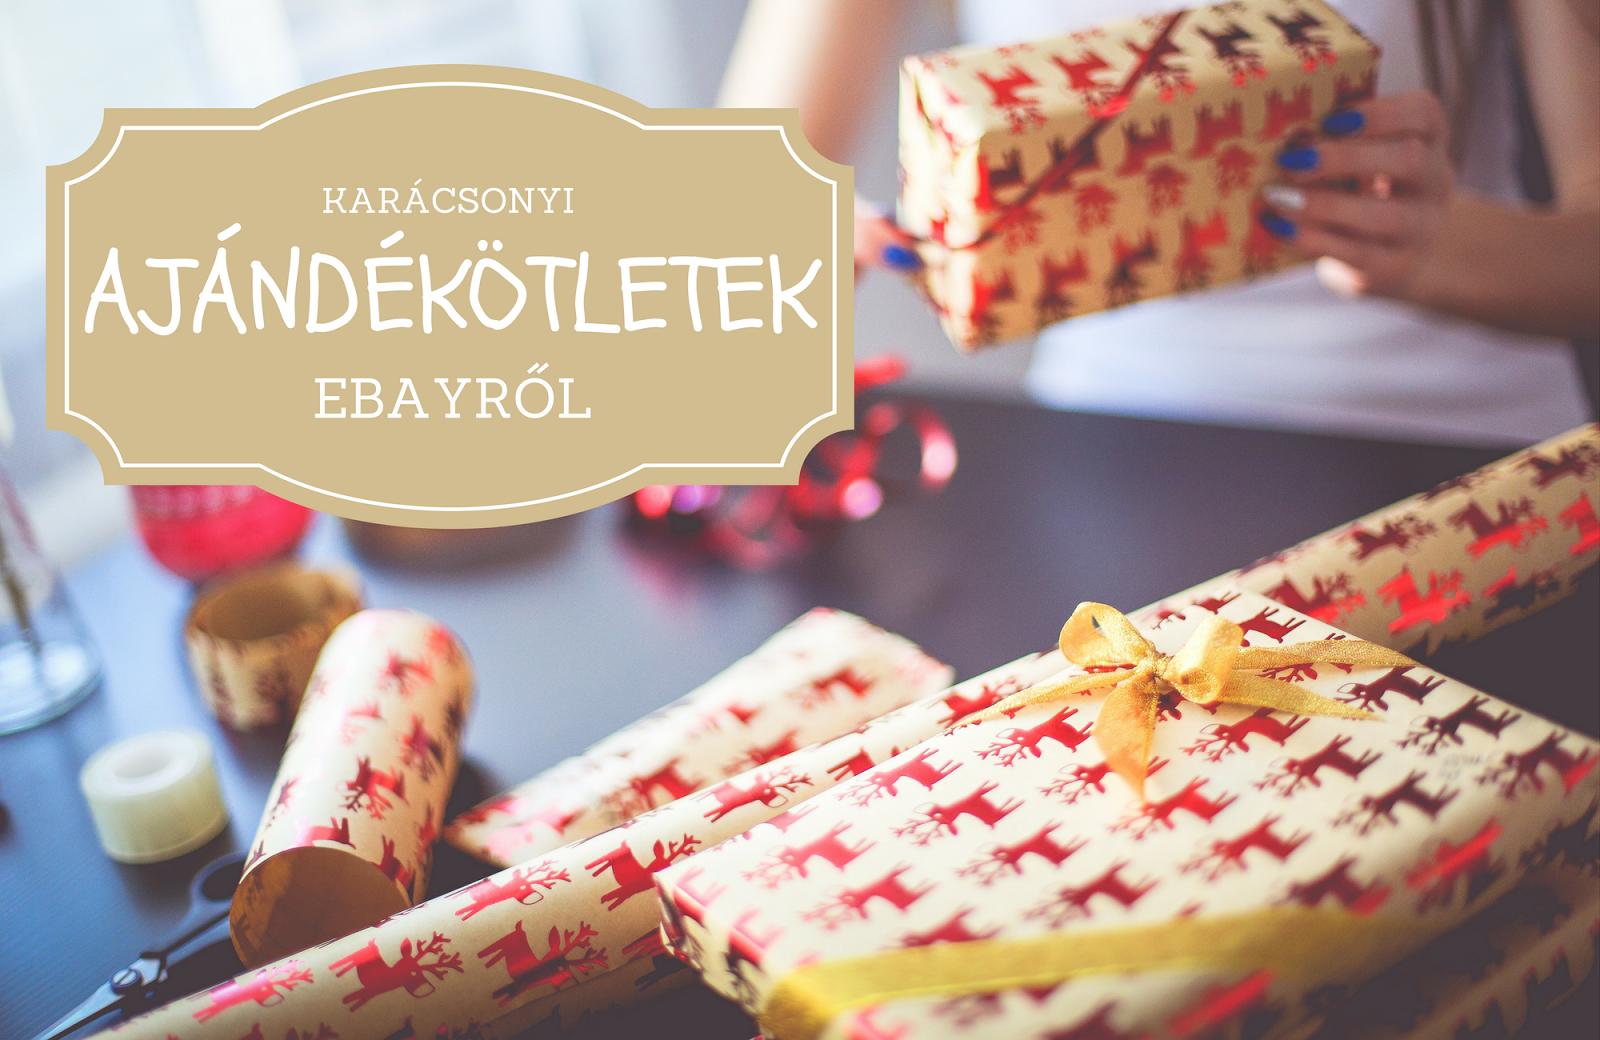 d80f060635 Bár még másfél hónapot kell várnunk az ünnepekre, sokakon már most  elkezdett uralkodni a karácsonyi hangulat. Ezt fokozandó ismét egy eBayes  bejegyzést ...